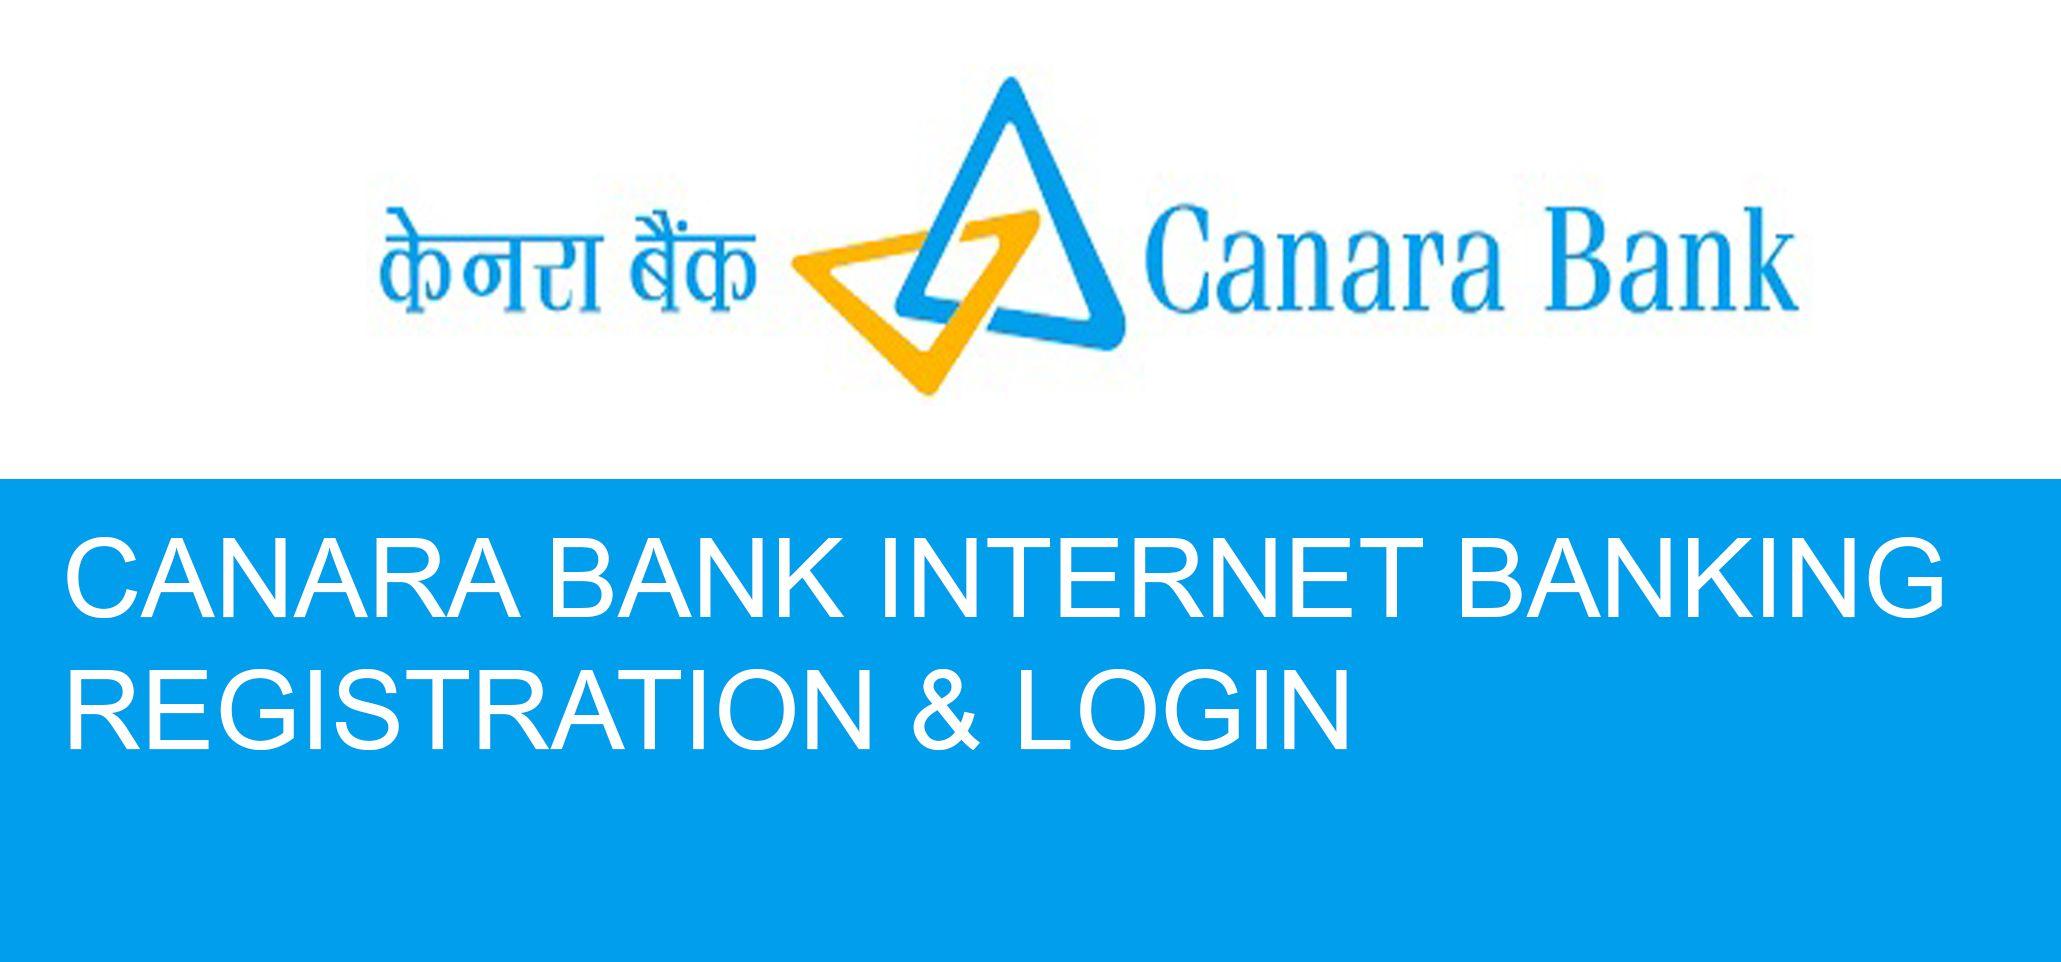 Canara Bank Internet Banking Registration Login In 2020 Banking Mobile Banking Paying Bills